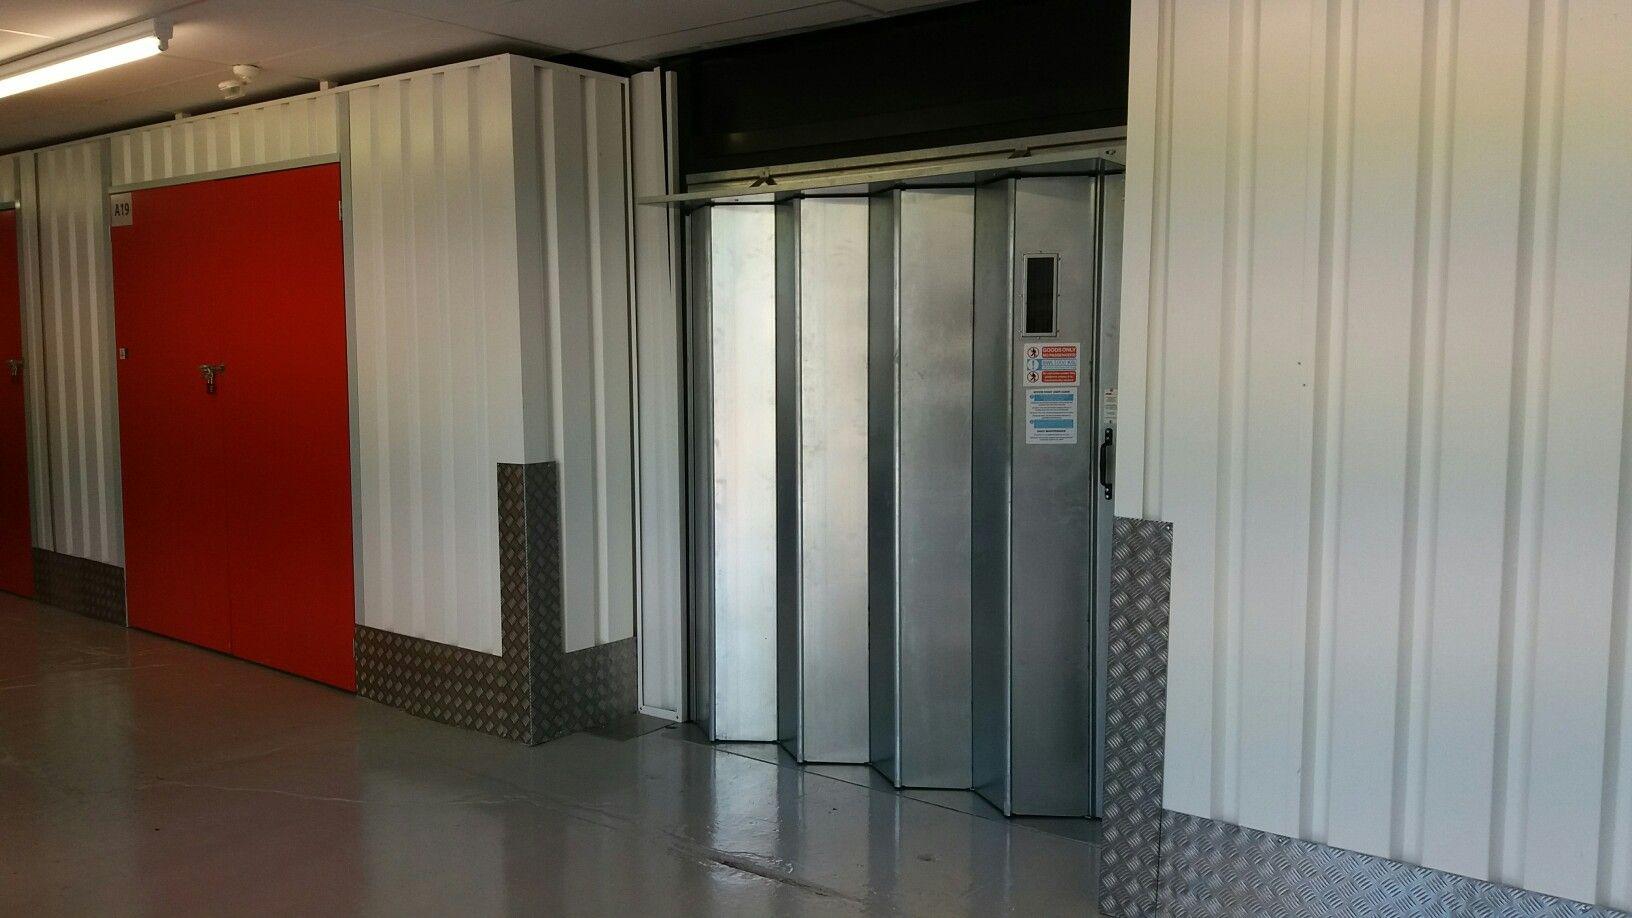 lifts at mkboxselfstorage selfstorage selfstorageseo